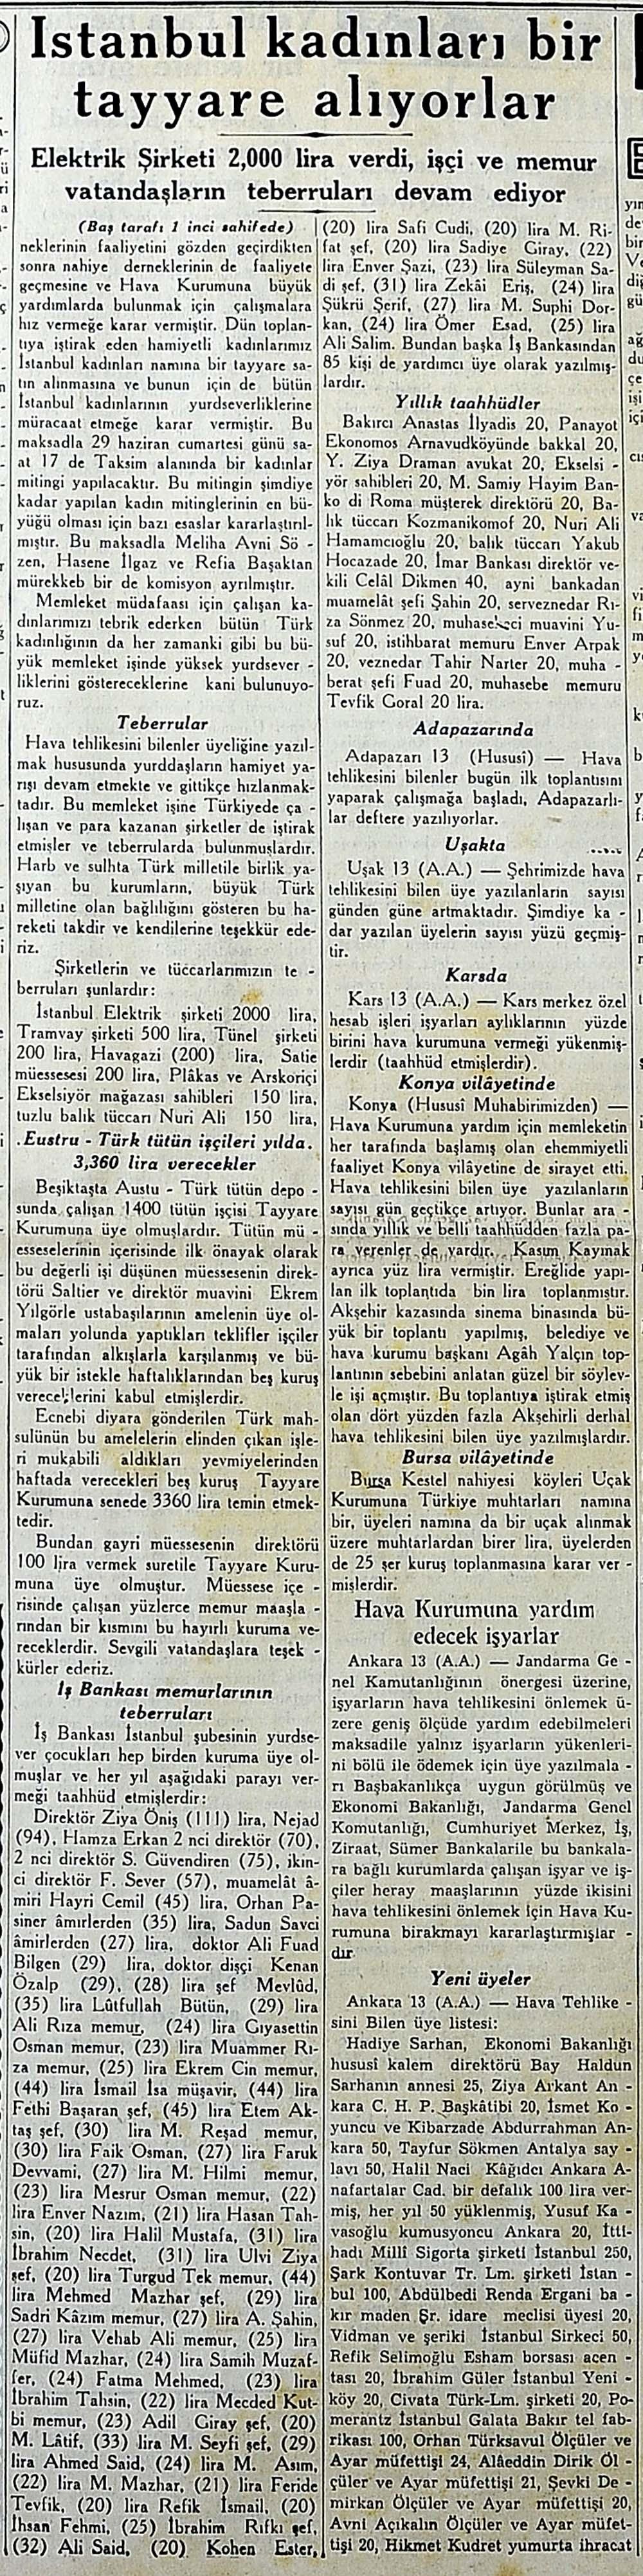 İstanbul kadınları bir tayyare alıyorlar